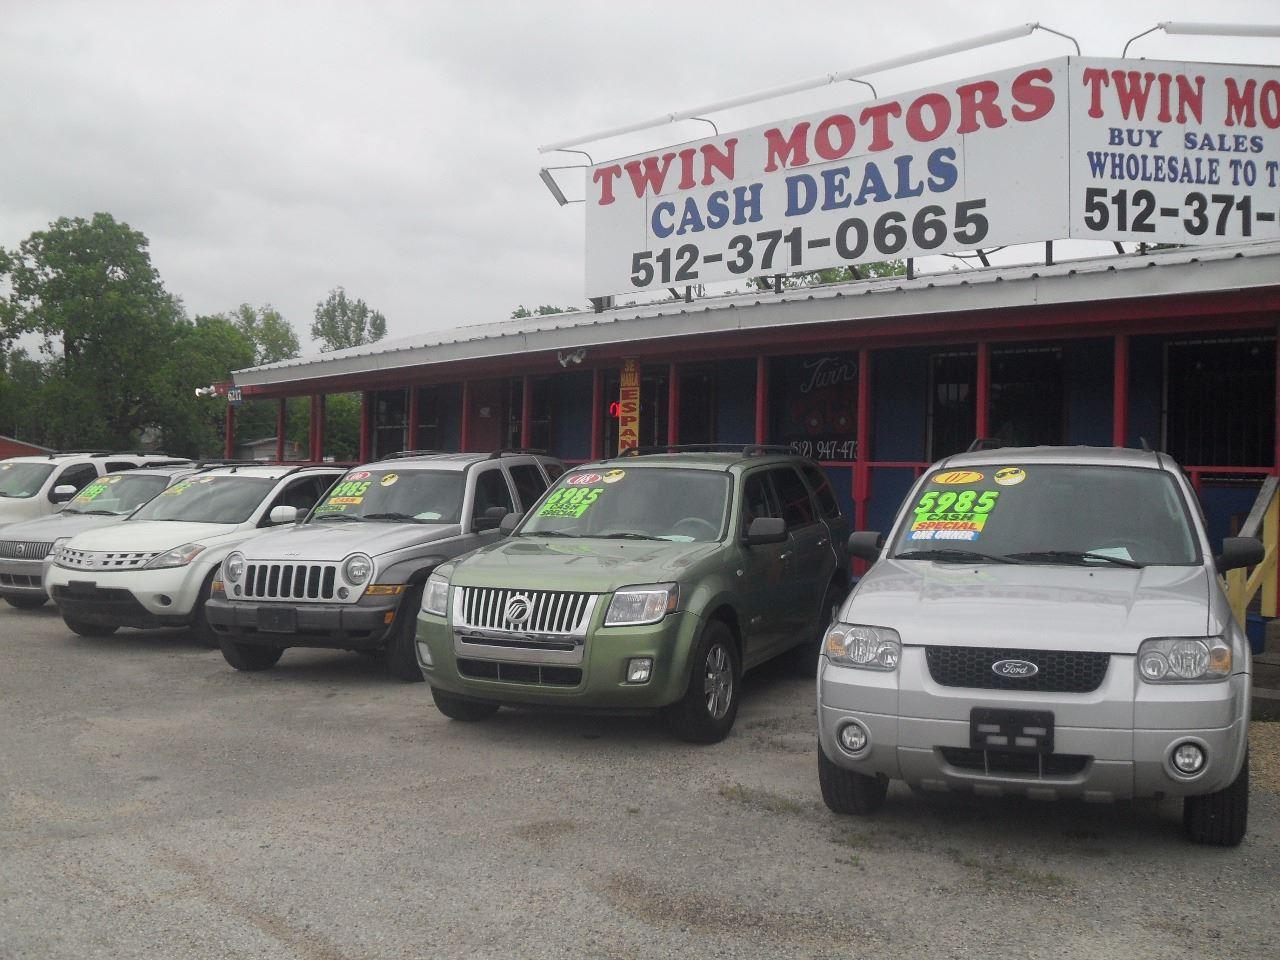 We finance car dealers austin tx best cars modified dur for Best motors austin tx